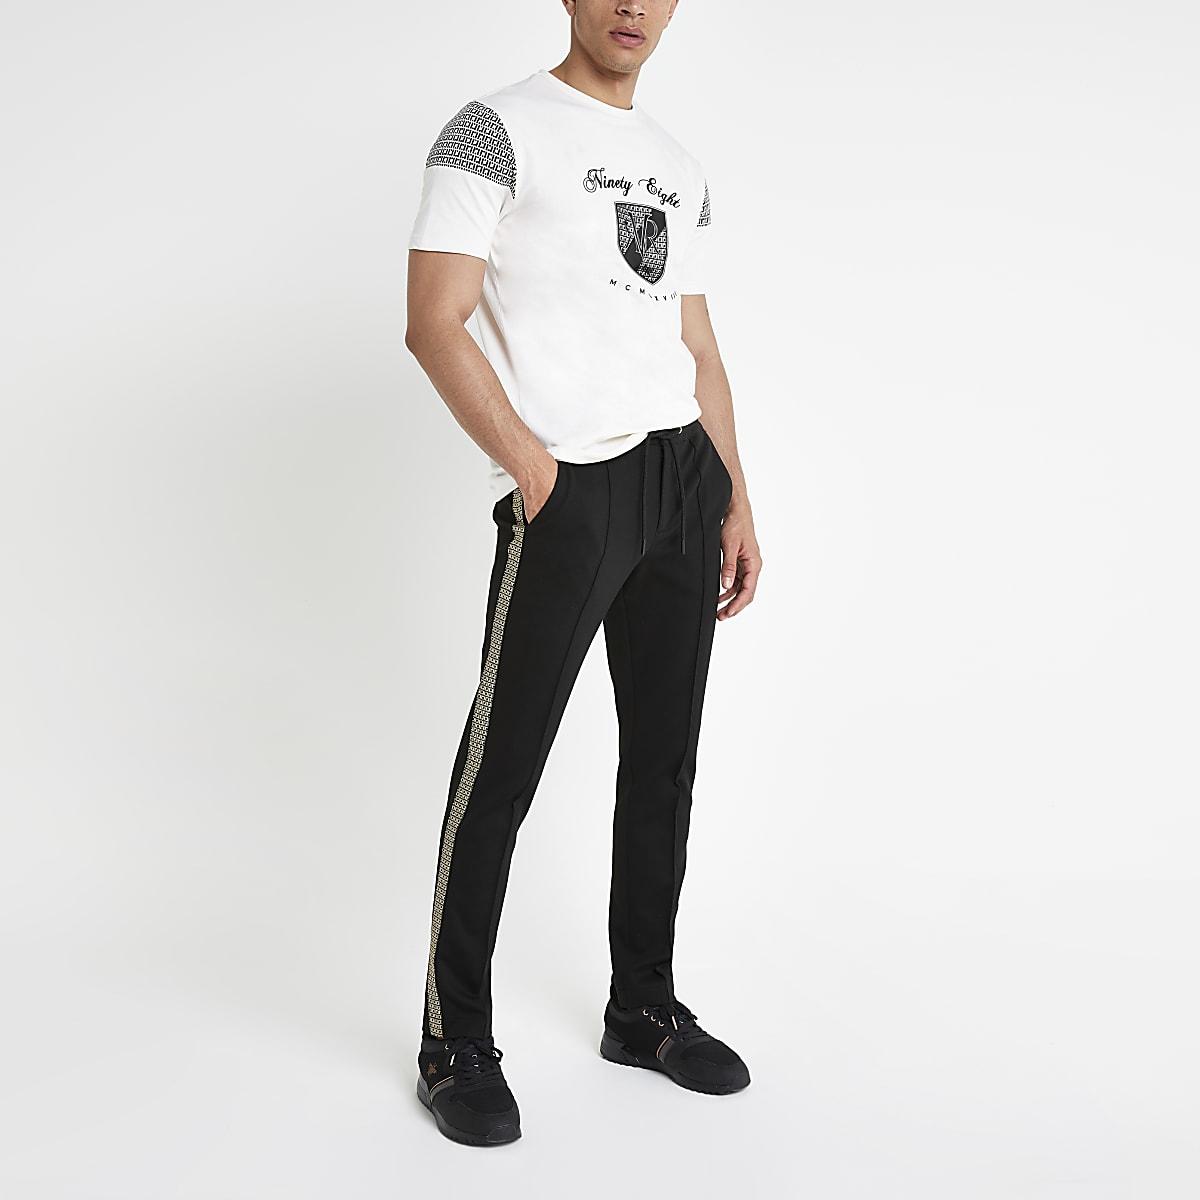 Black skinny fit smart tape jogger pants